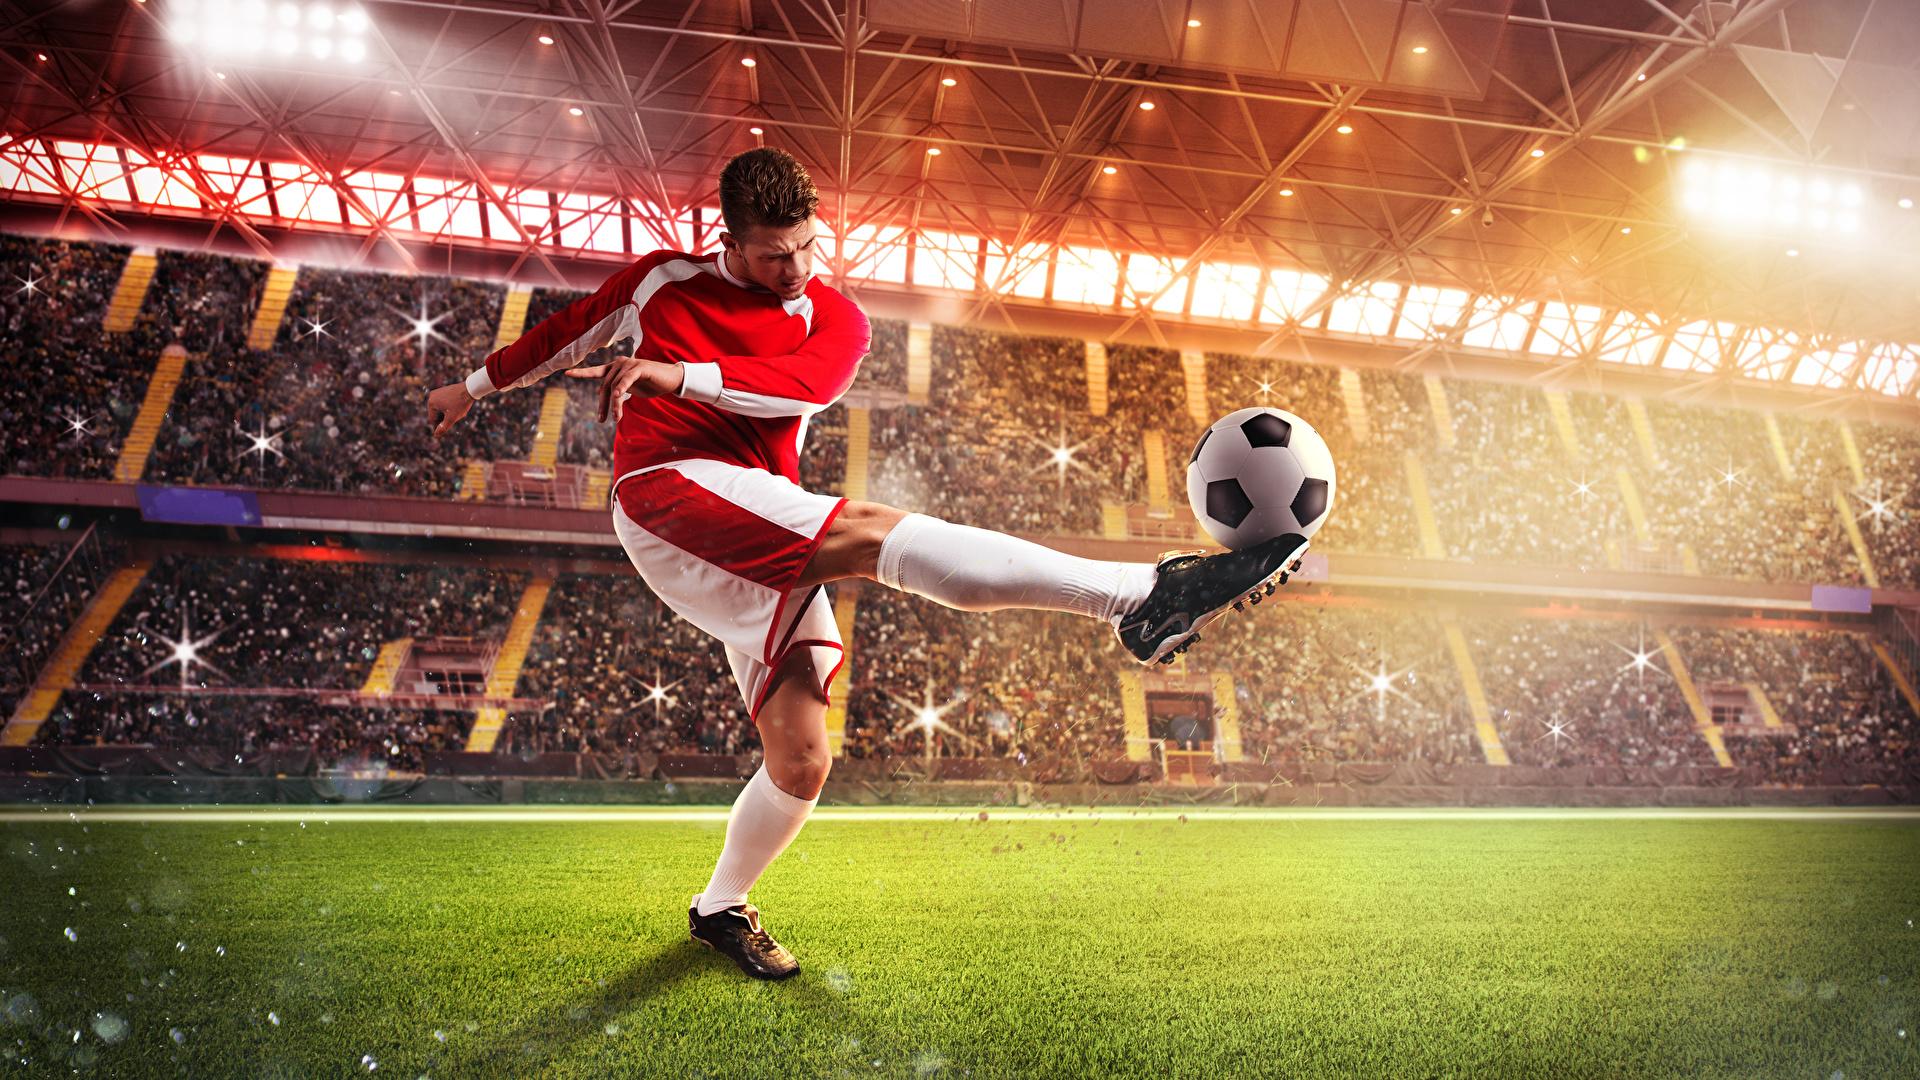 Assistir Jogos de Futebol Ao Vivo